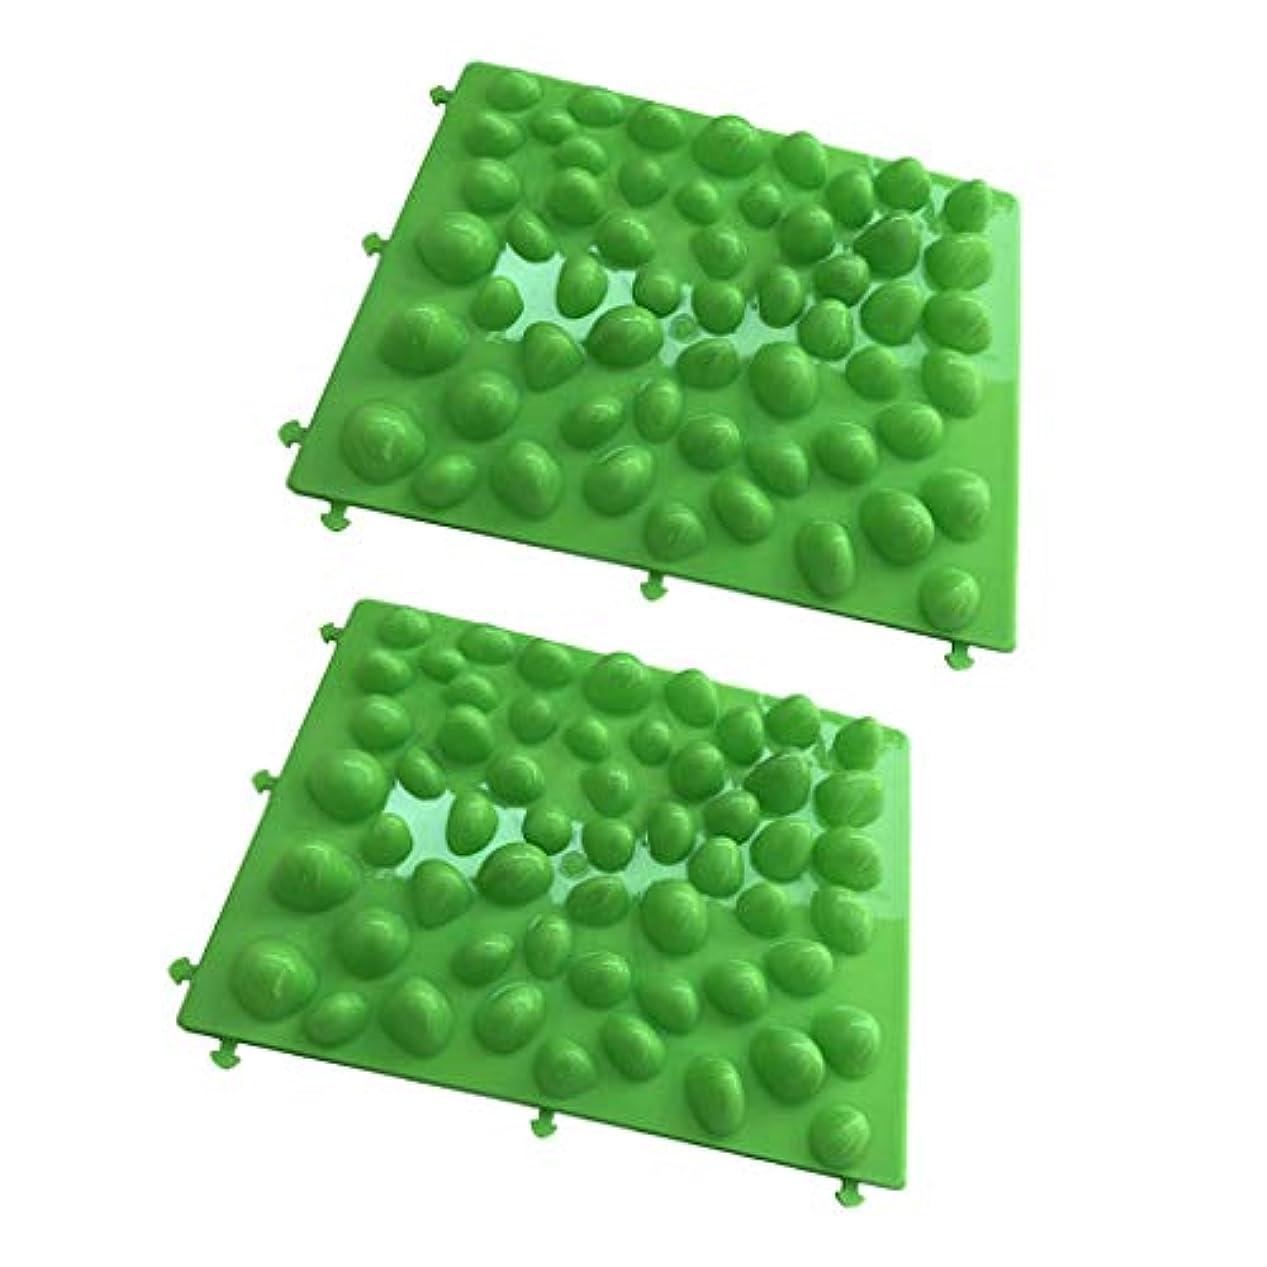 レッドデート論理的見込みPETSOLA フットマッサージパッド 足つぼマッサージパッド フットマッサージ 人工石 血行促進 グリーン 2個入